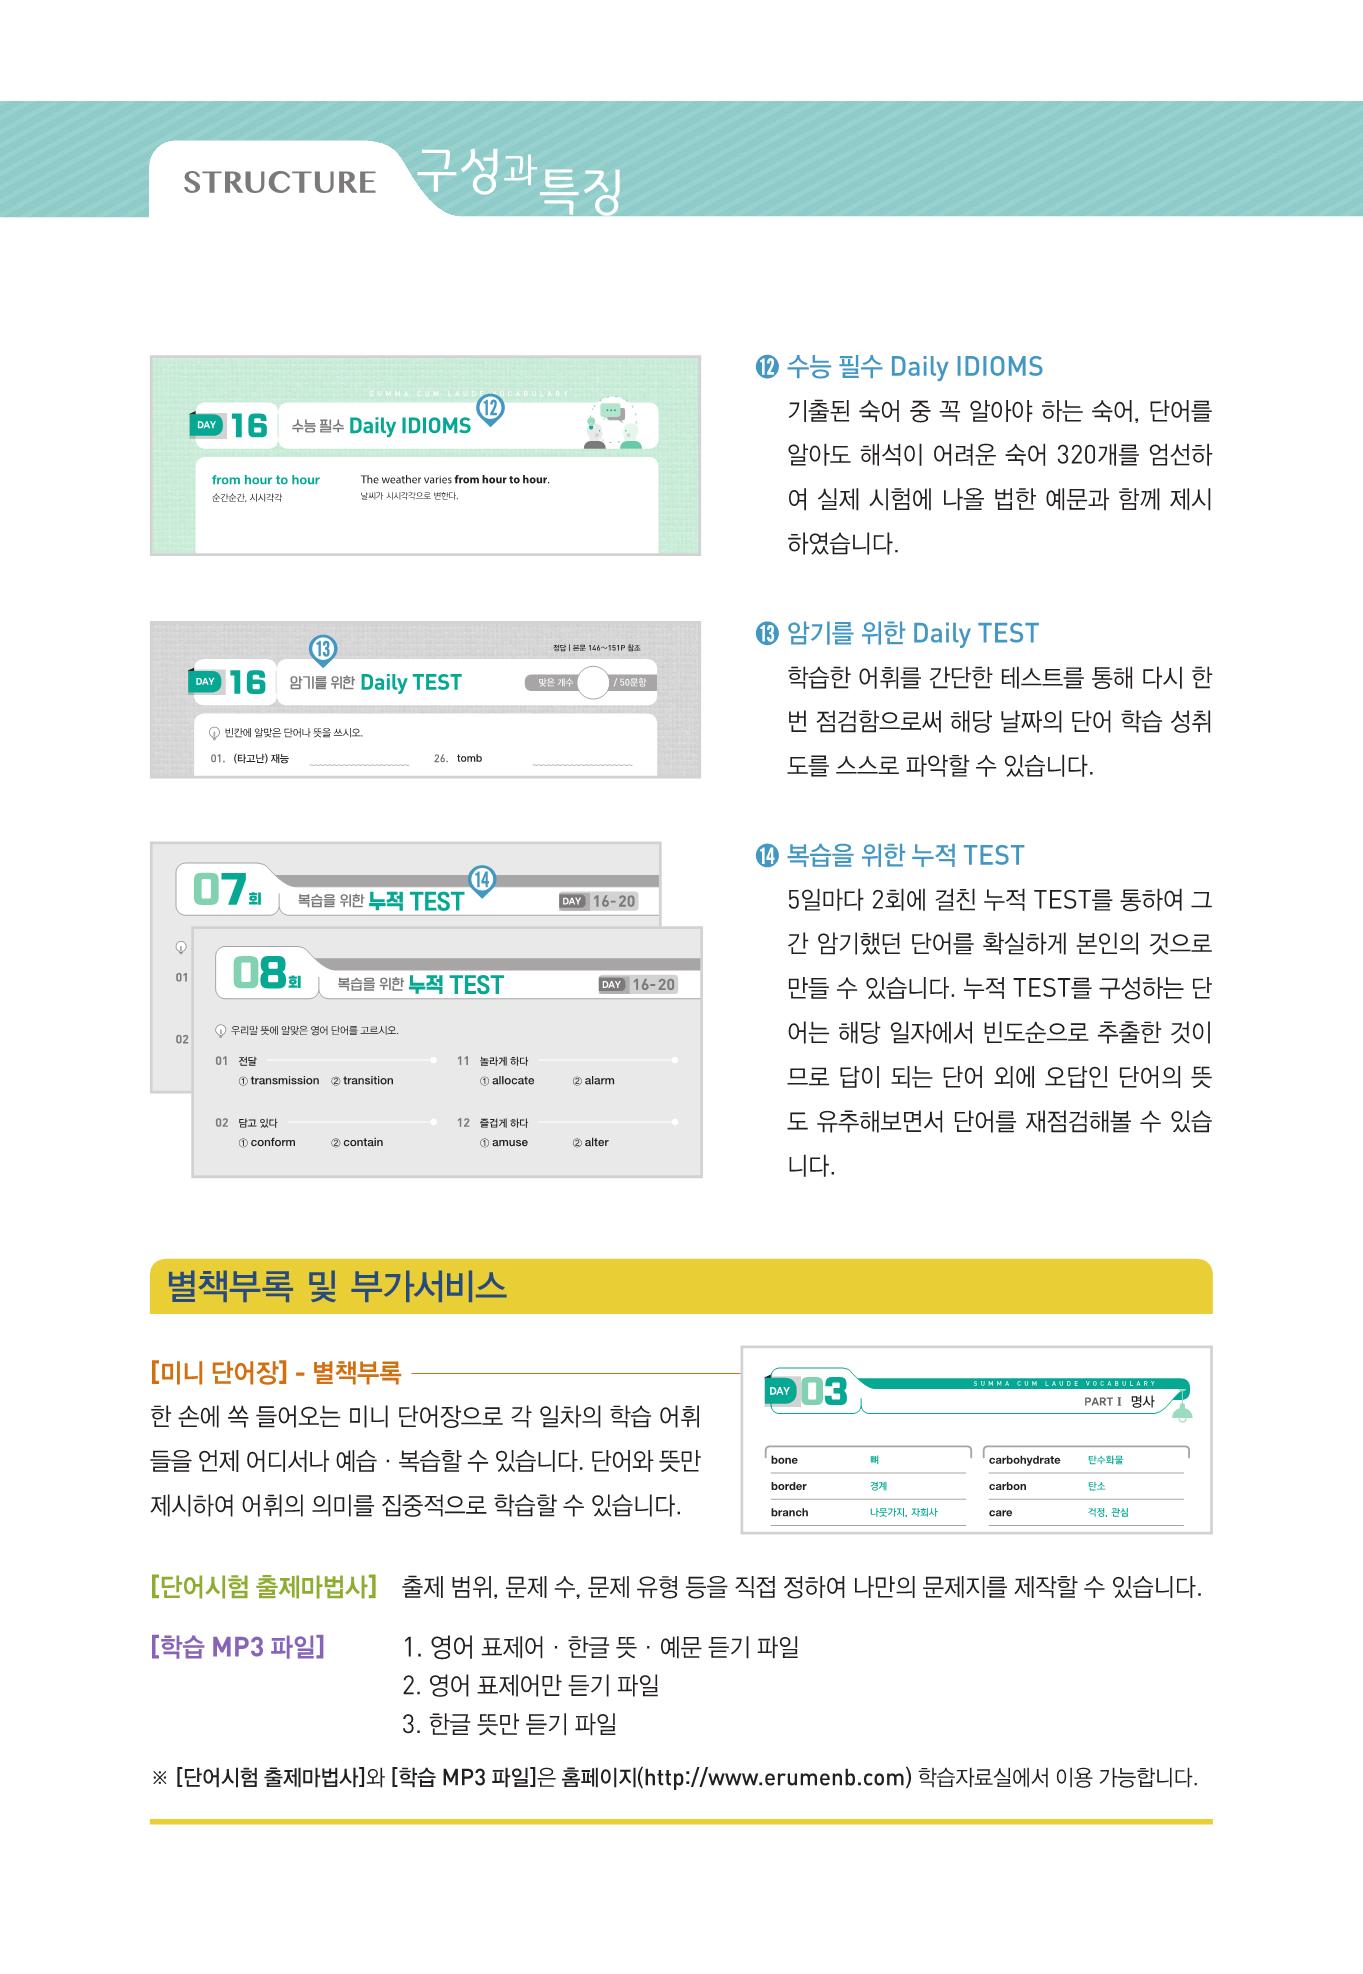 미리보기_숨마수능2000워드메뉴얼5.png